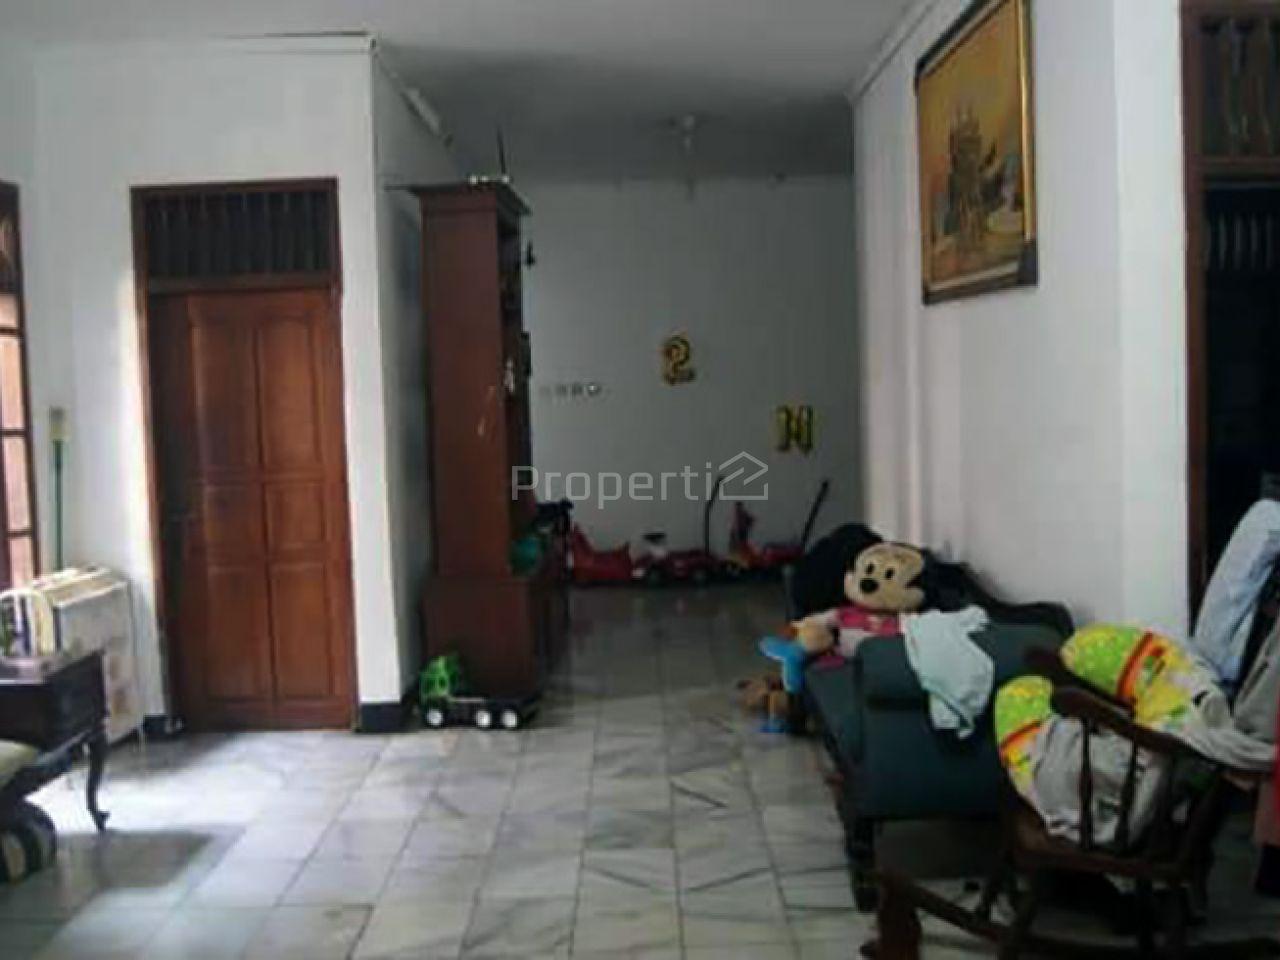 Rumah Sederhana dan Halaman Luas di Area Strategis Jagakarsa, Jakarta Selatan